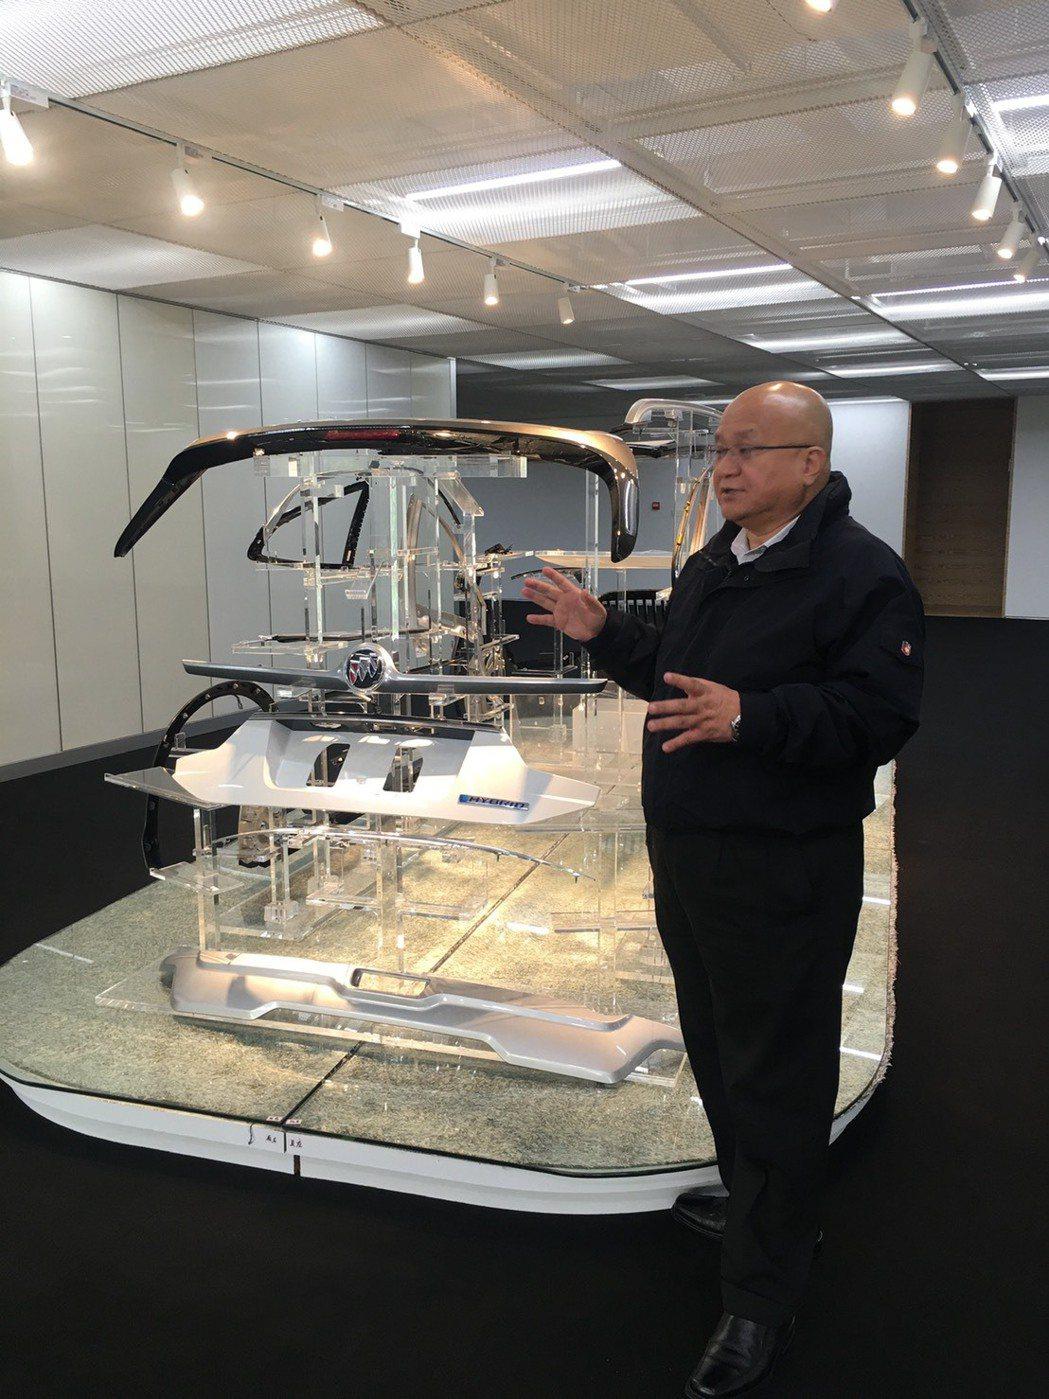 敏實集團創辦人秦榮華,鮭魚返鄉後,對於國內的人才教育非常重視。公司提供